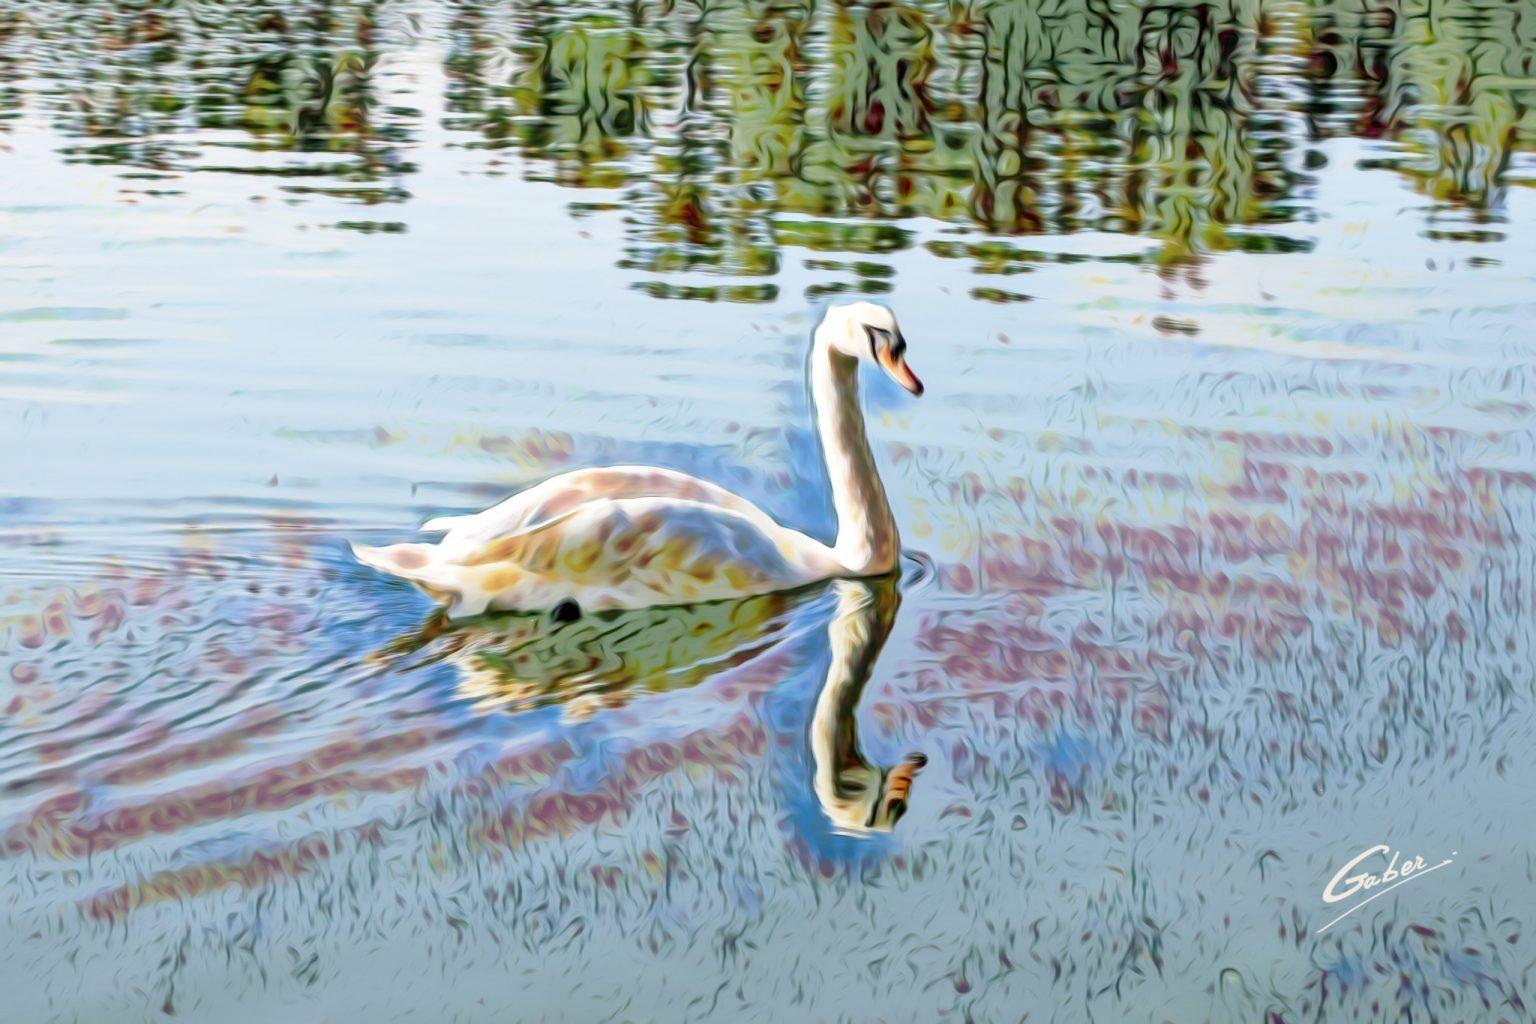 Swan_41_16x24_FINAL_GAB-FLW21-BESAS-80